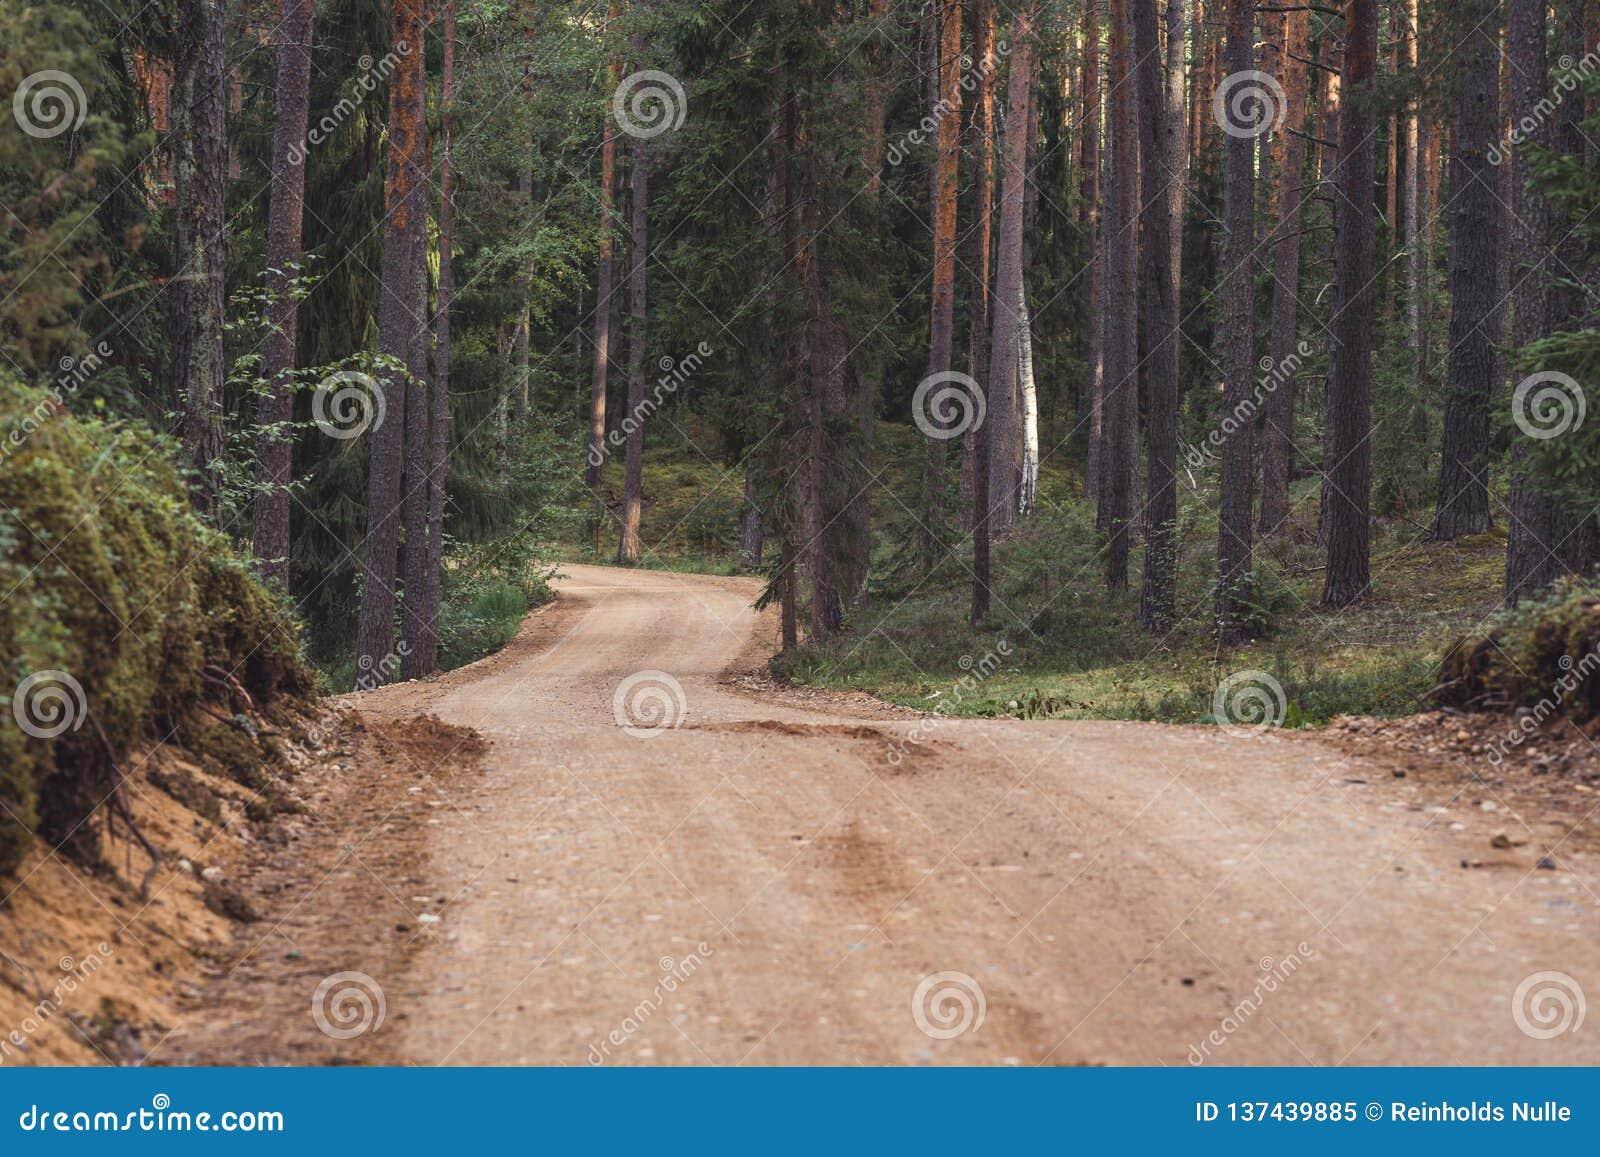 Взгляд пути дороги леса туристского, возглавлять более глубокий в древесинах на солнечный летний день, отчасти неясное изображени